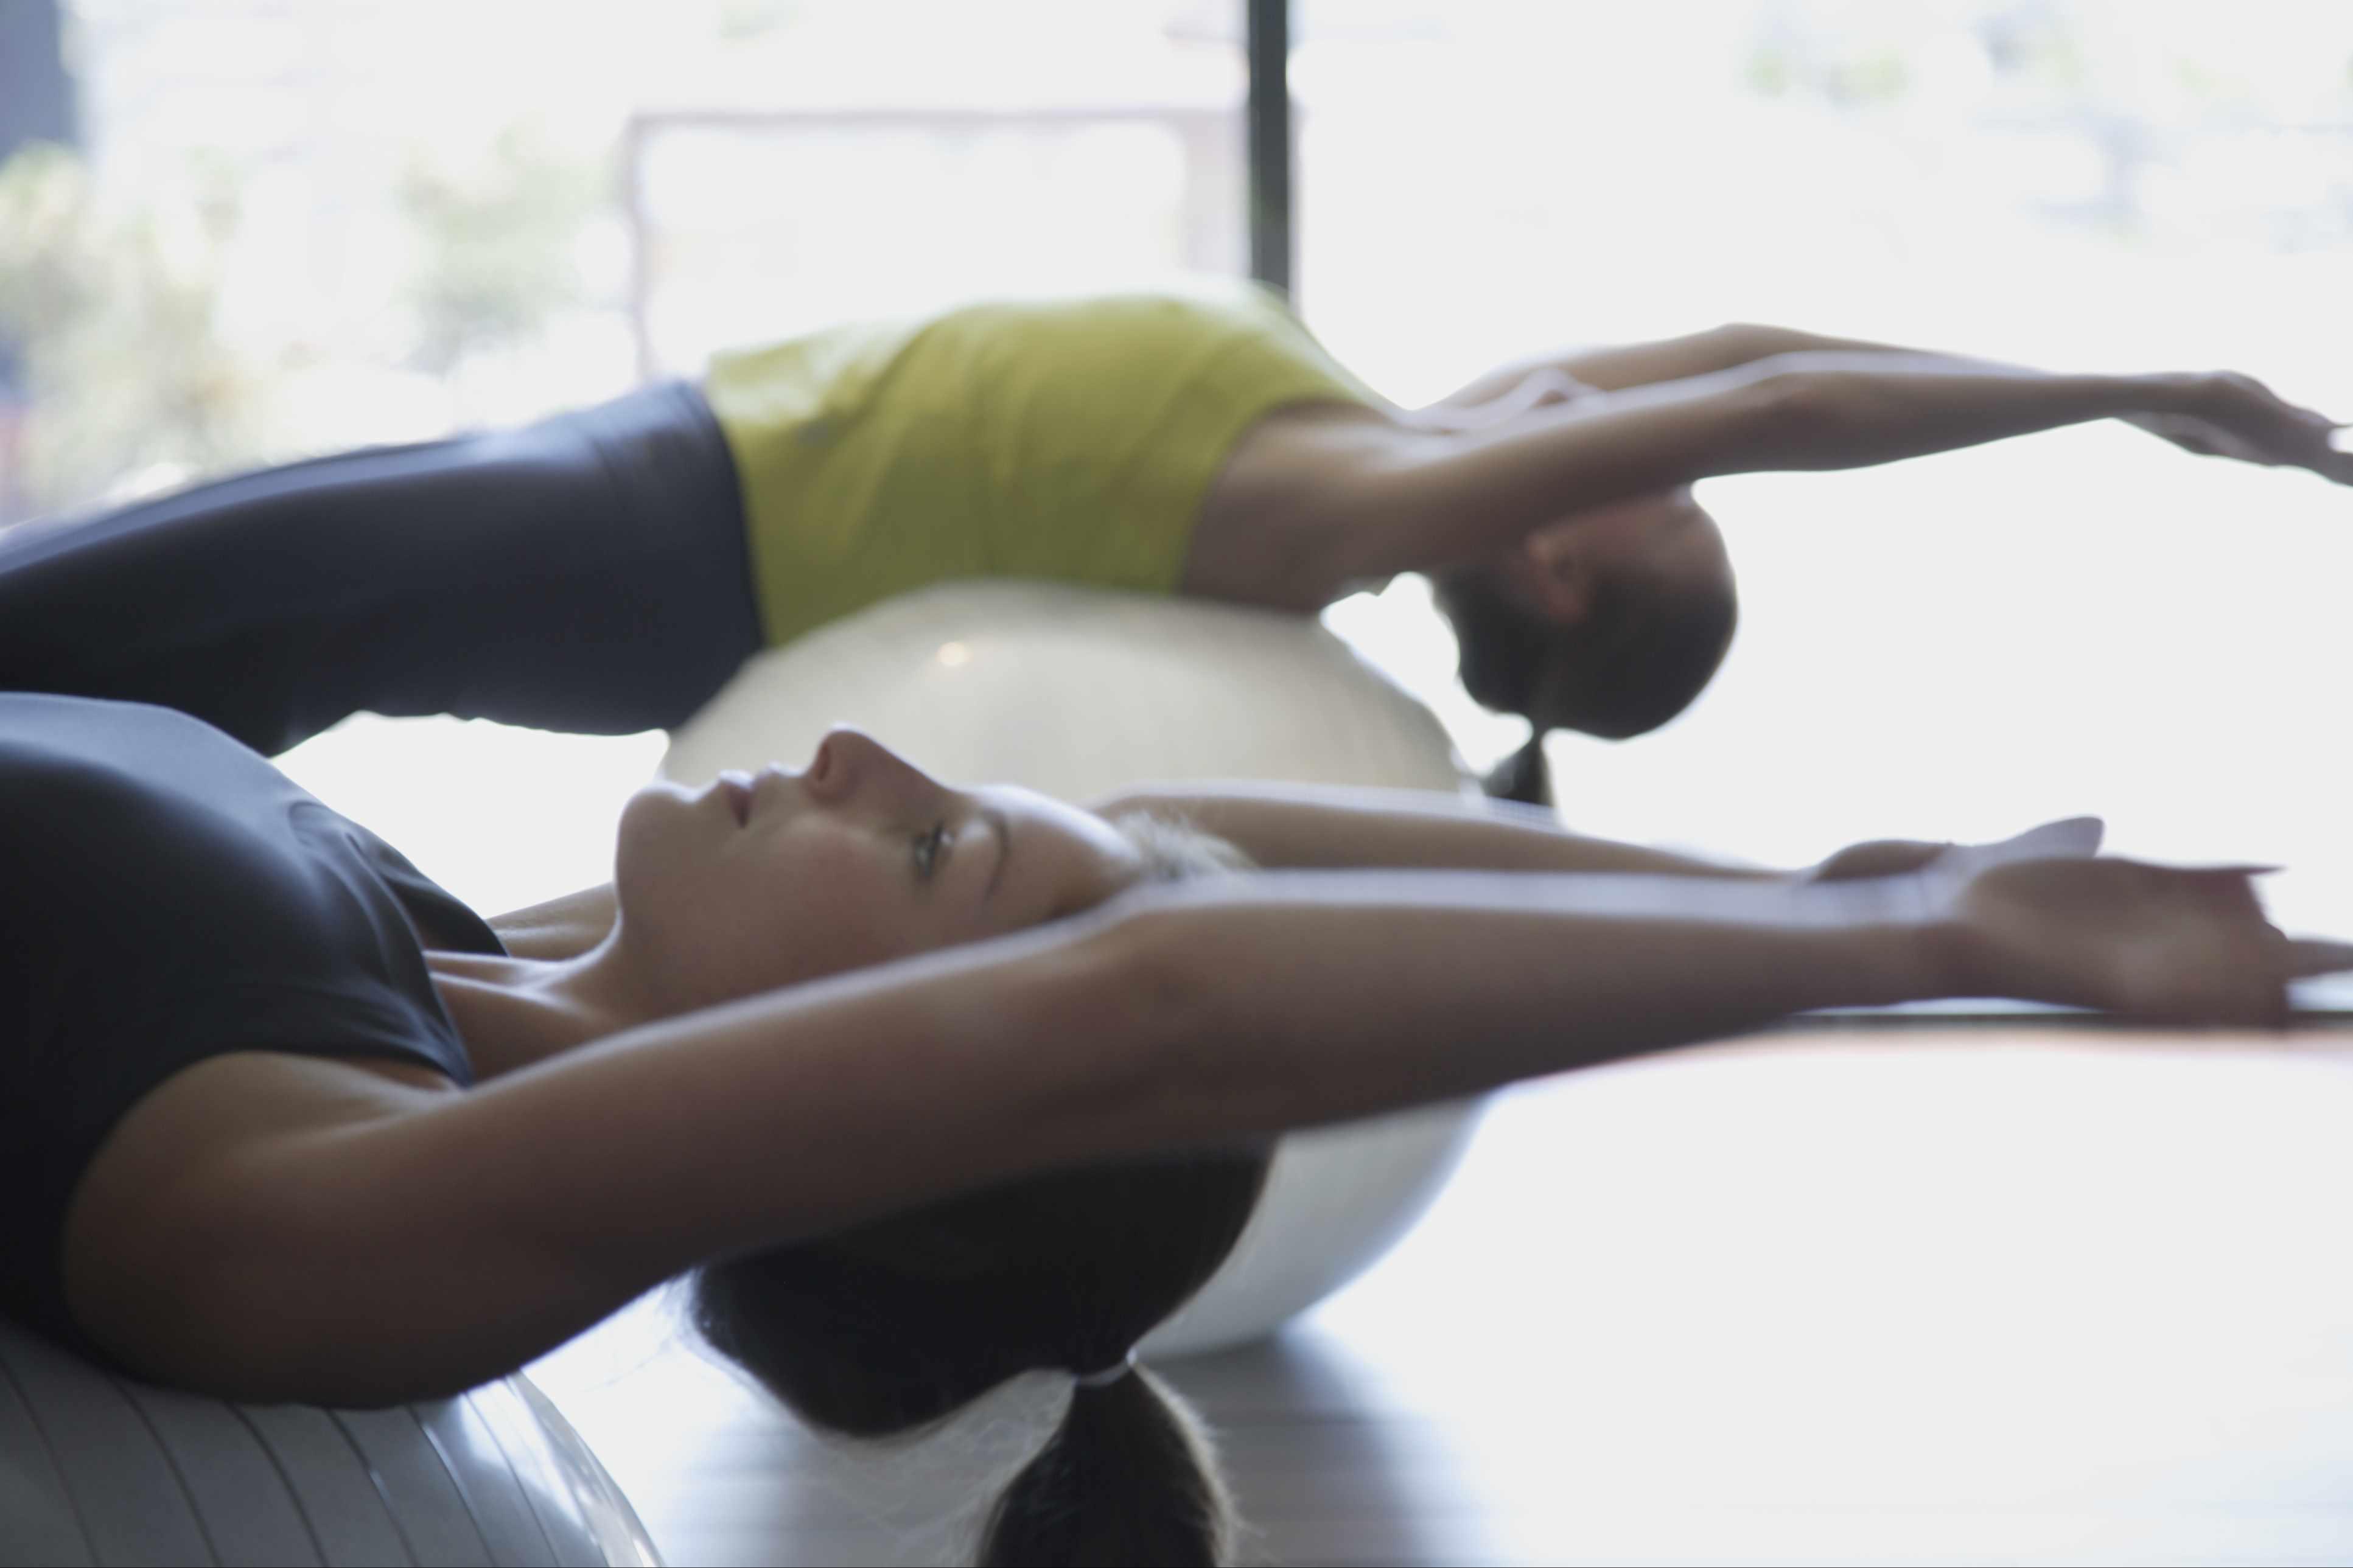 Women using exercise ball